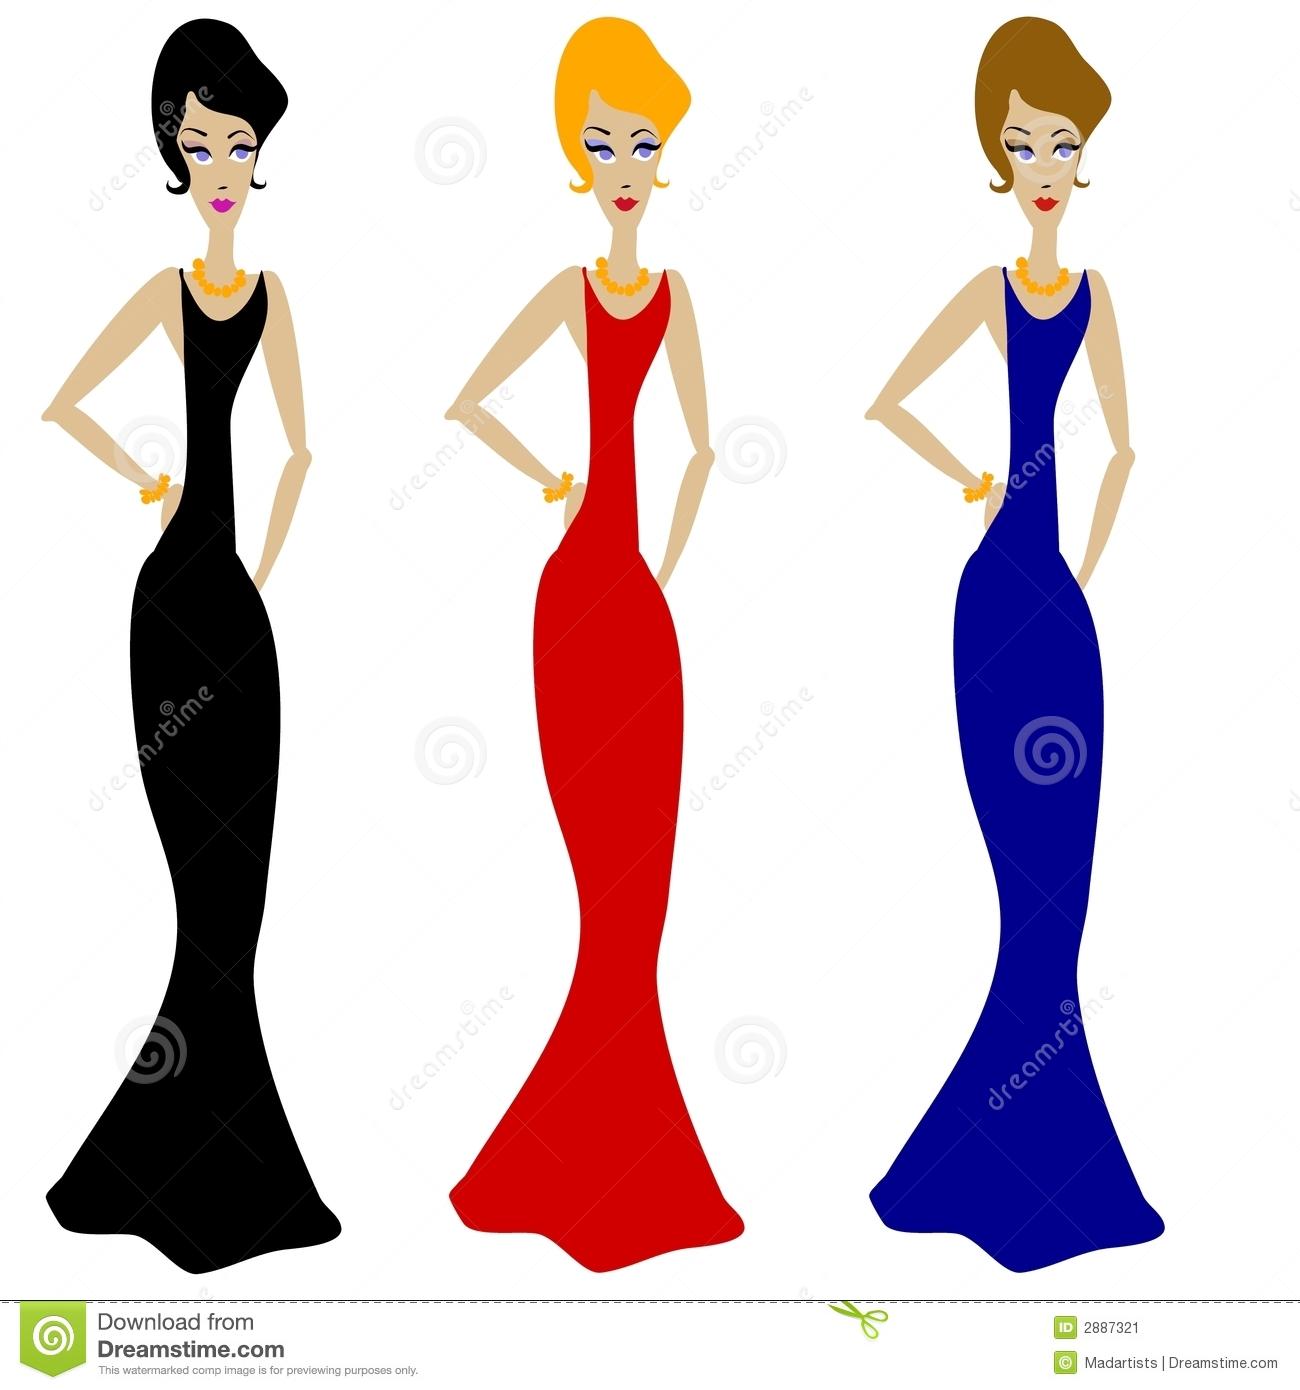 Gown clipart 3 woman Clipart 3 cliparts Women Dresses